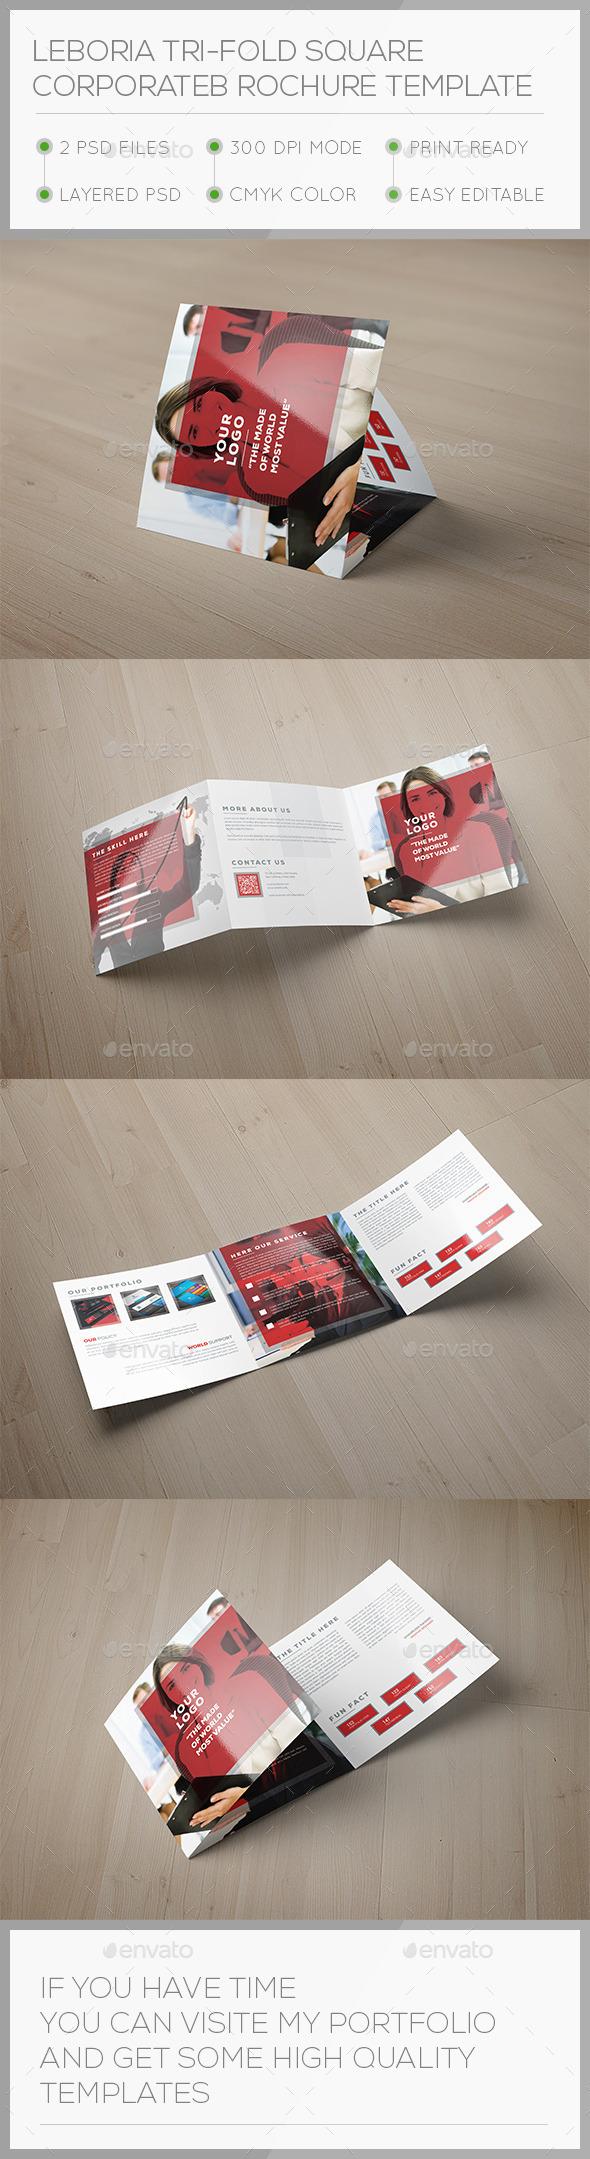 Leboria Tri-fold Square Brochure Template